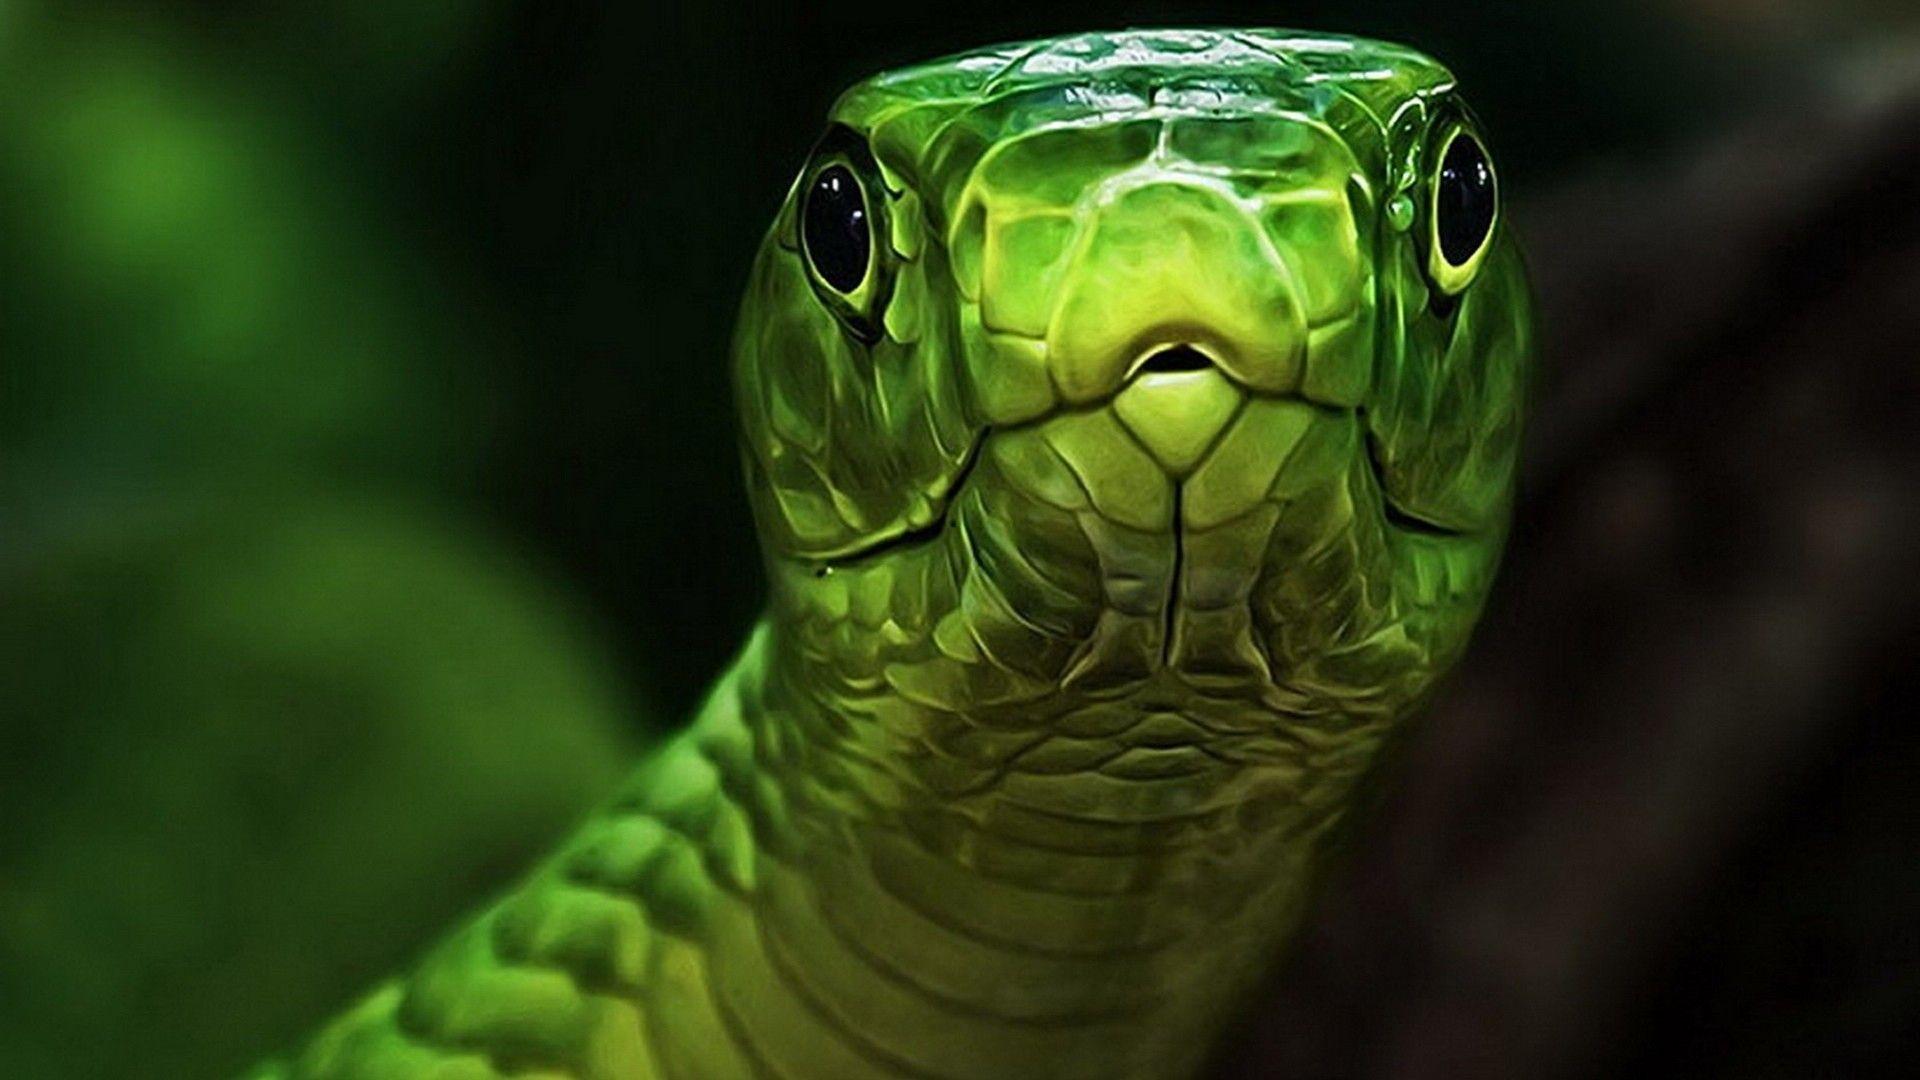 Photos Snakes On Desk